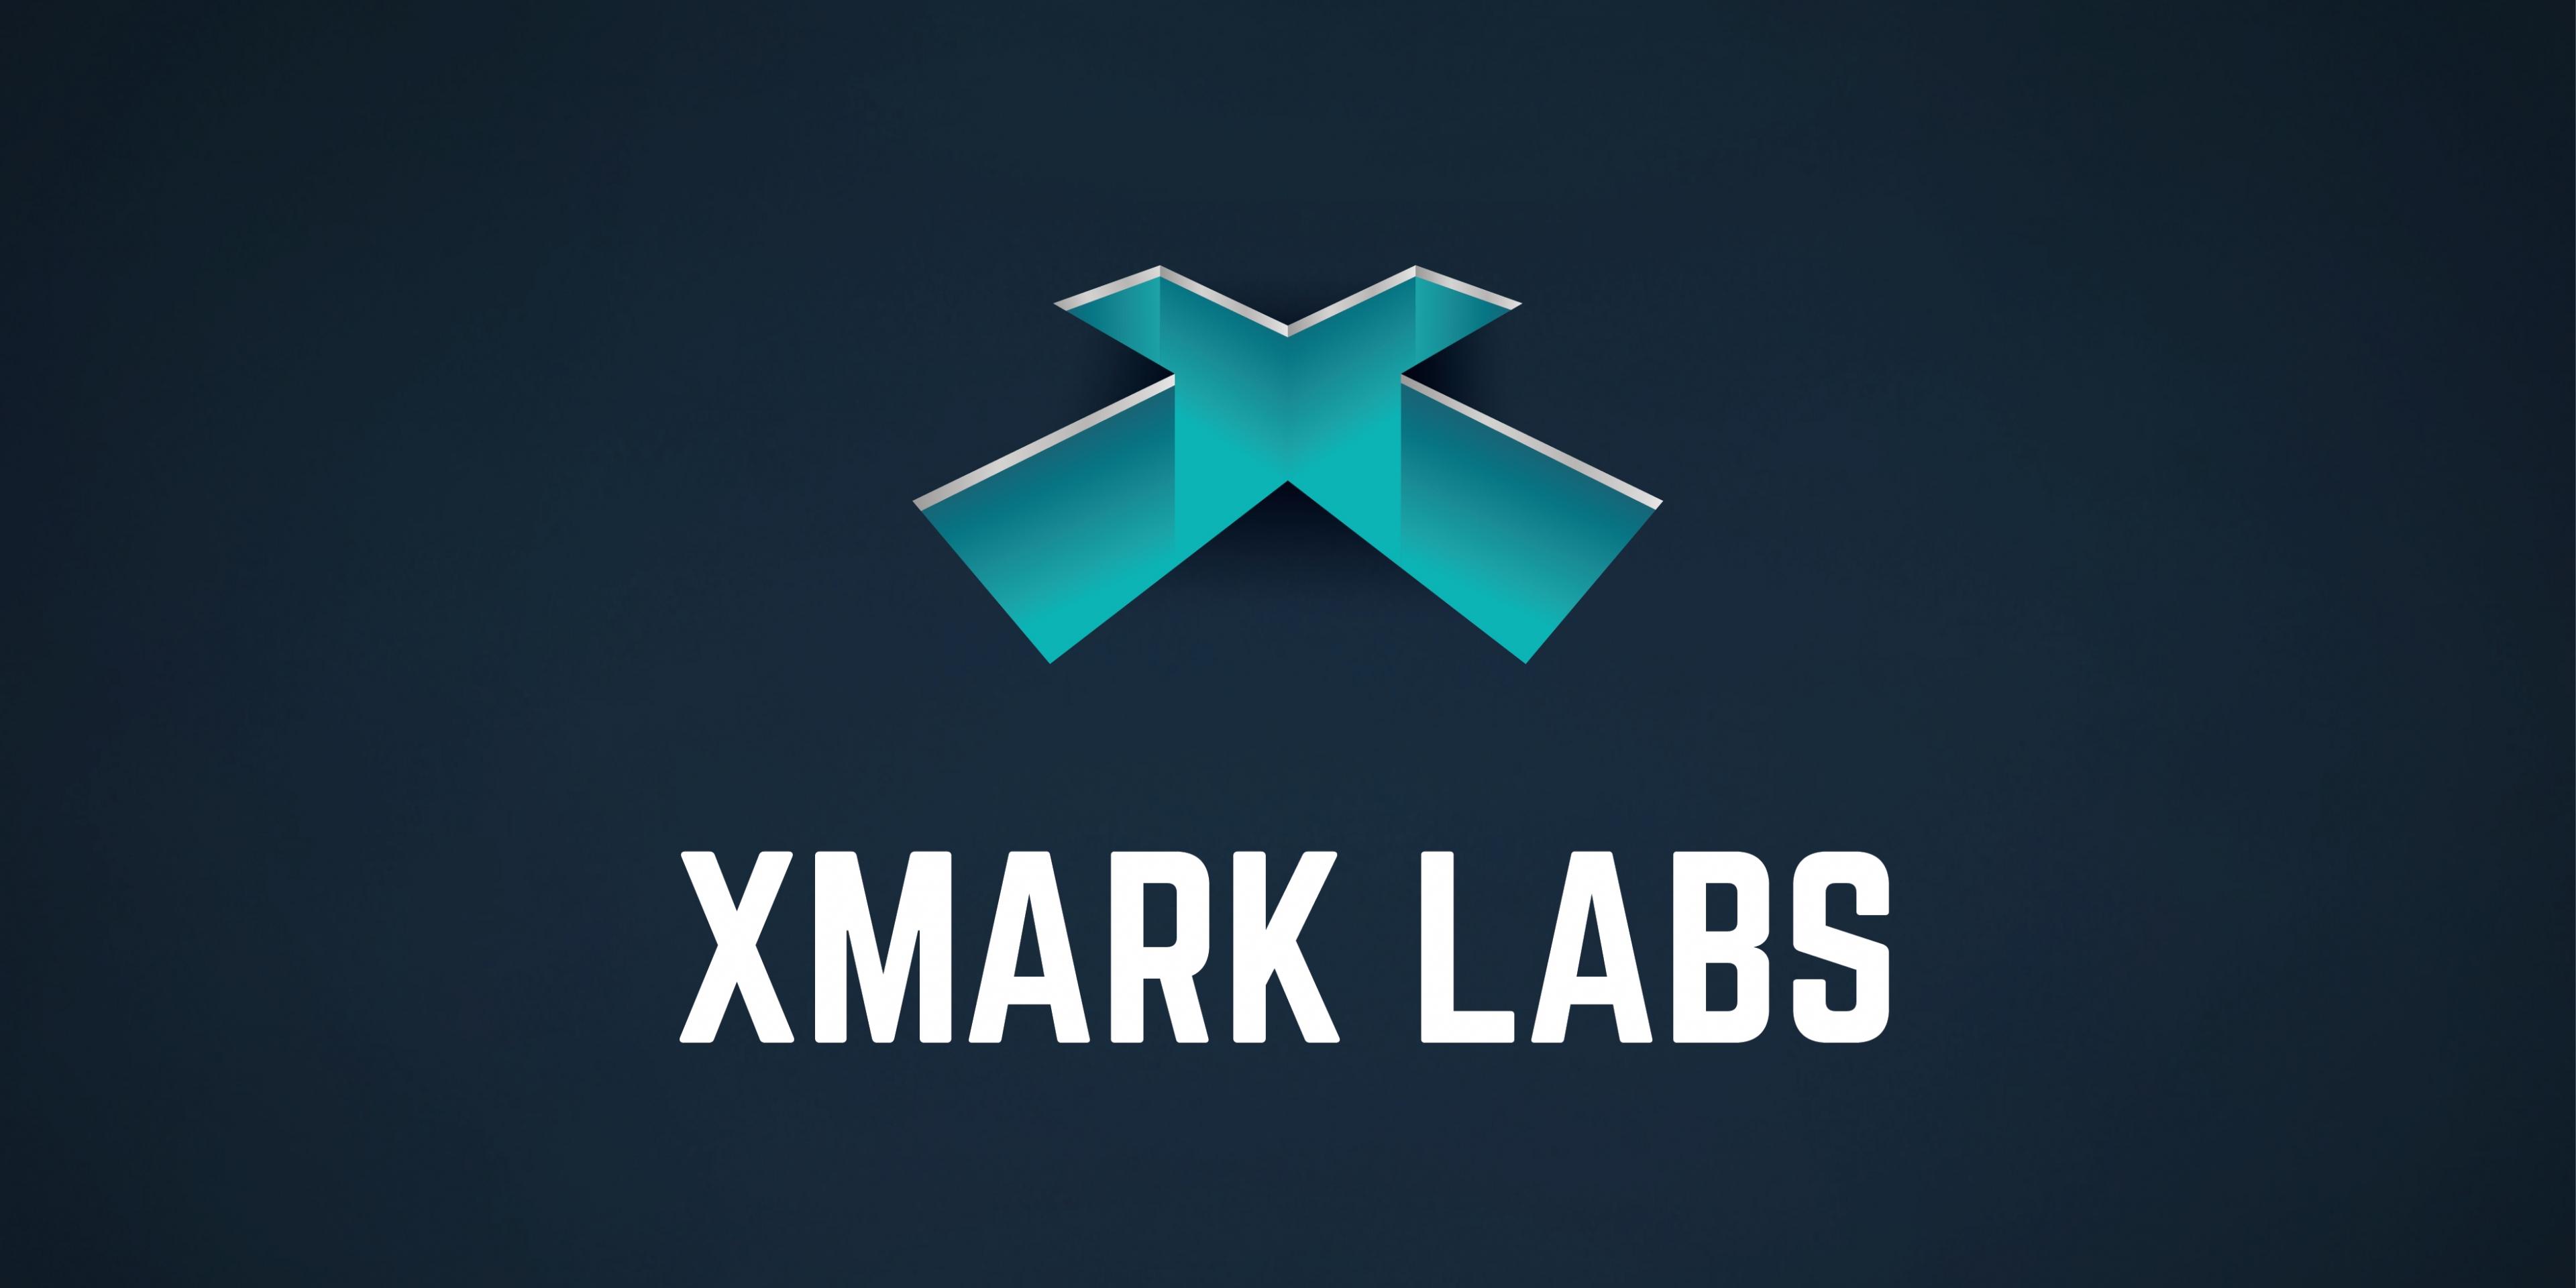 Xmark Labs